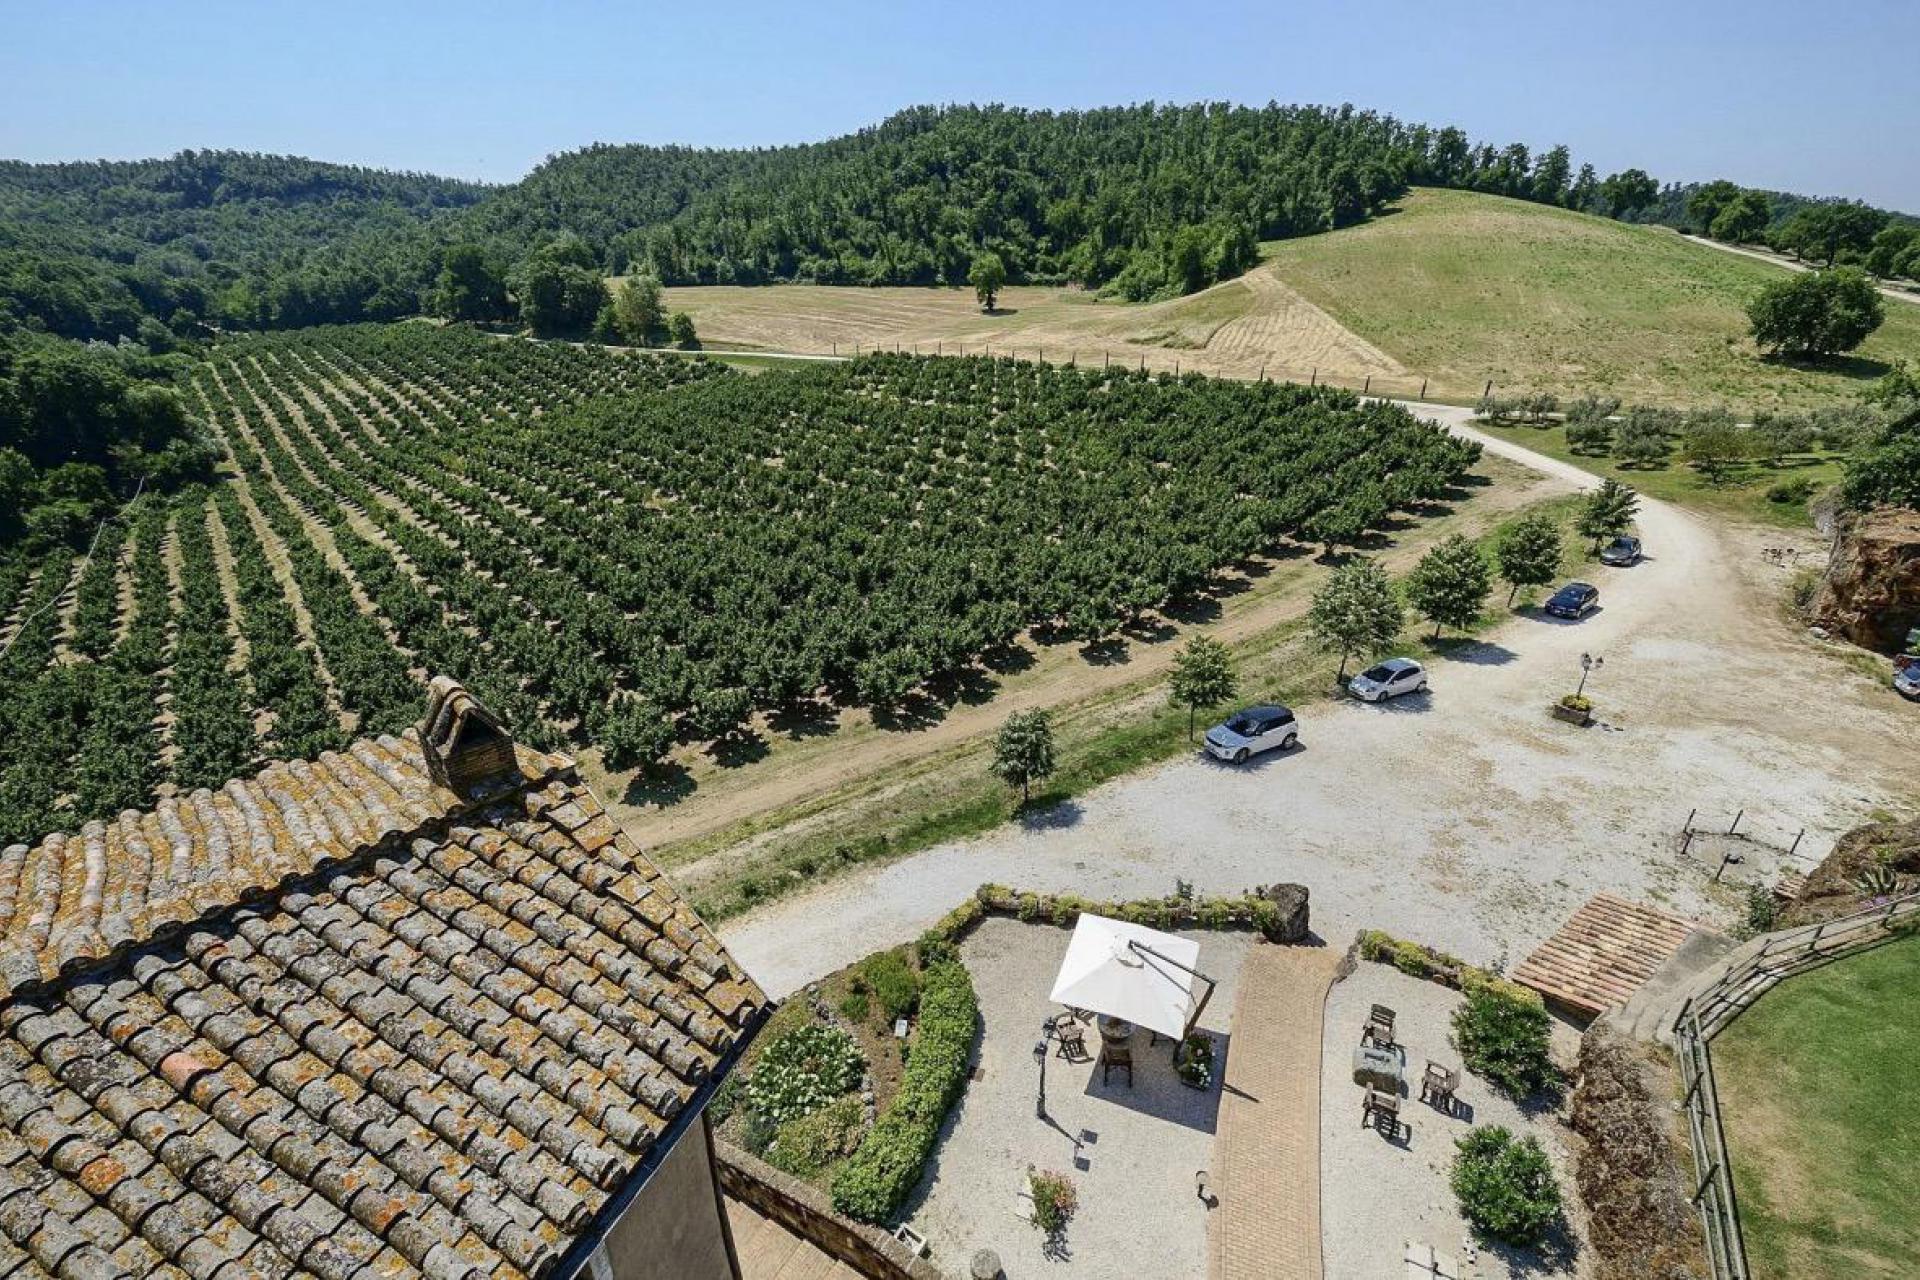 Agriturismo Rome Agriturismo in Lazio nabij de historisch stad Rome